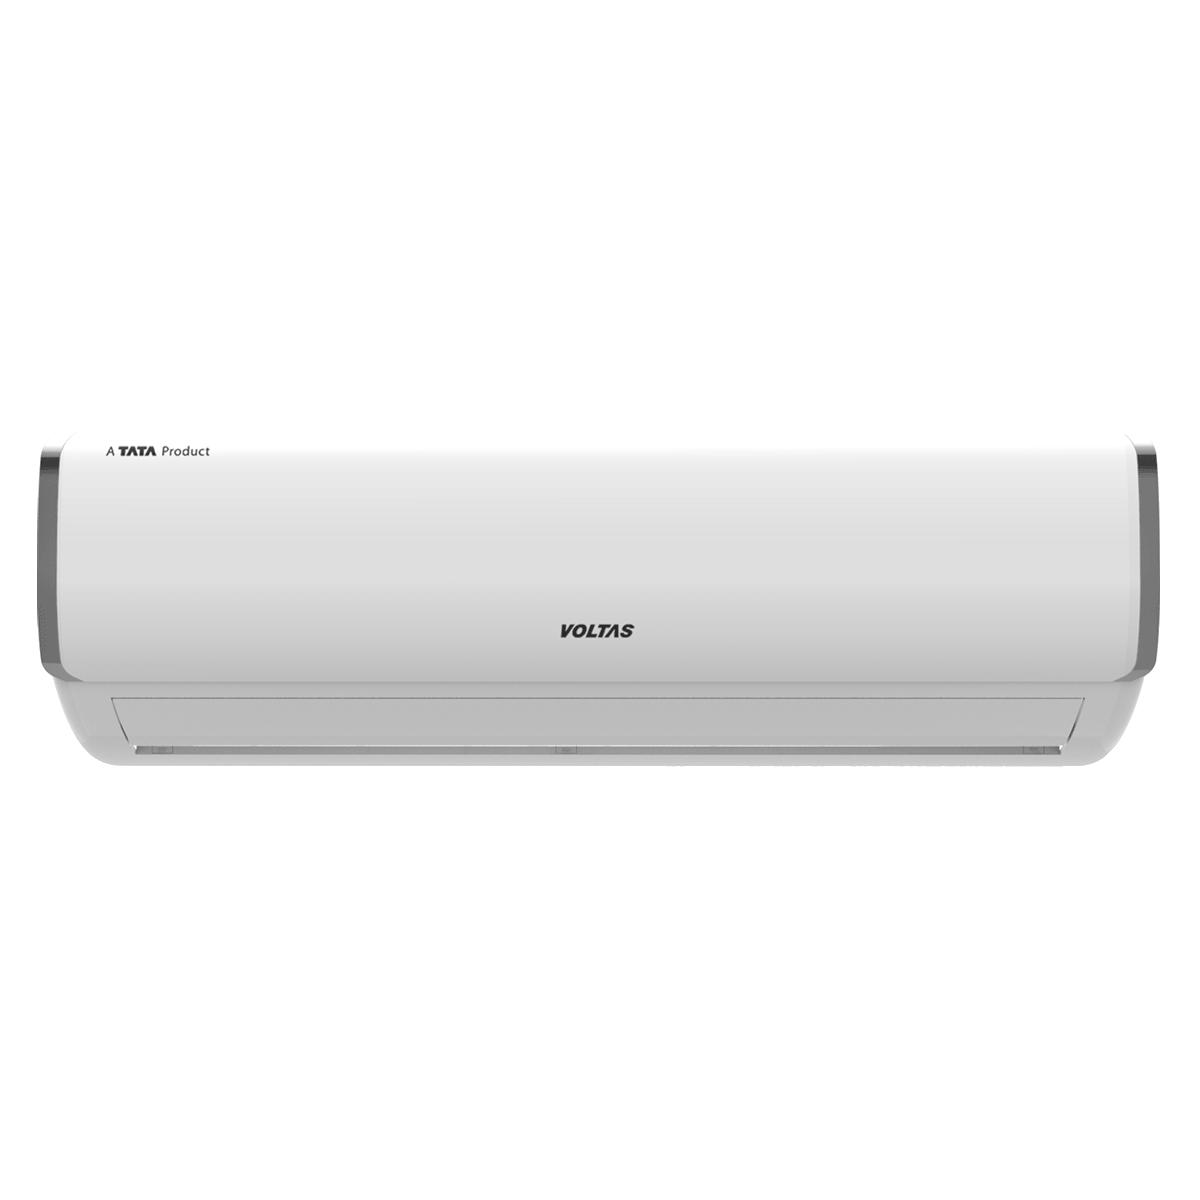 Voltas 1 Ton 3 Star Inverter Split AC (Copper Condenser, 123V MZQ, White)_1